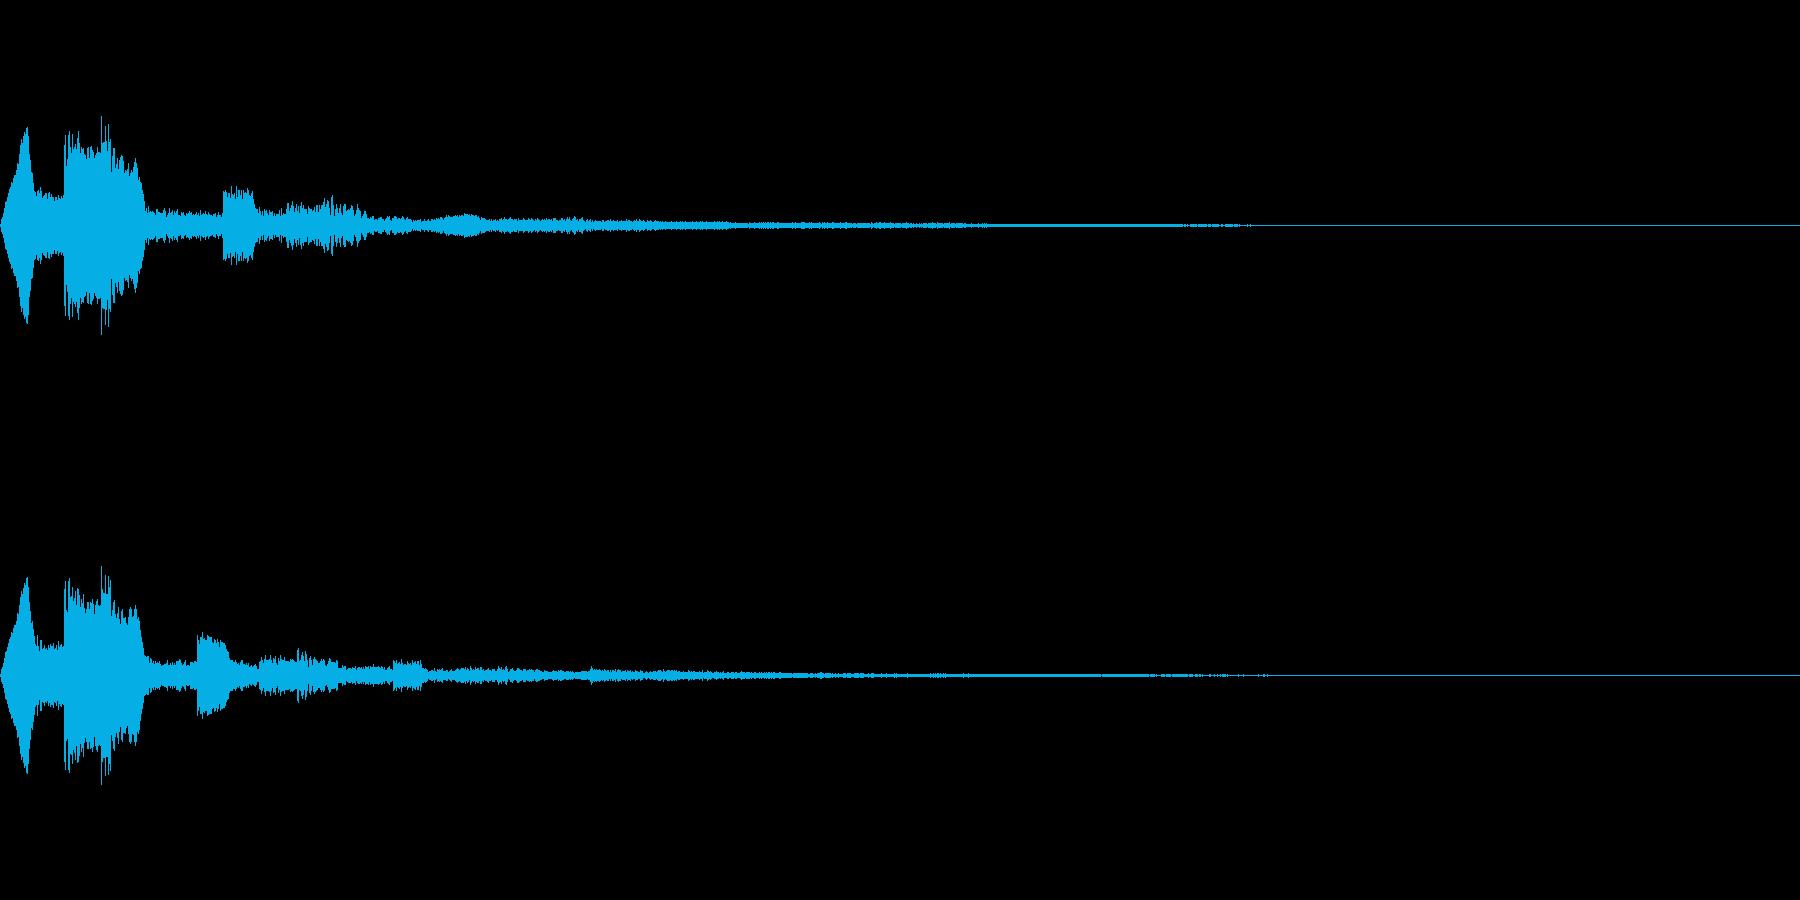 アイテム獲得・決定音・着信音の再生済みの波形